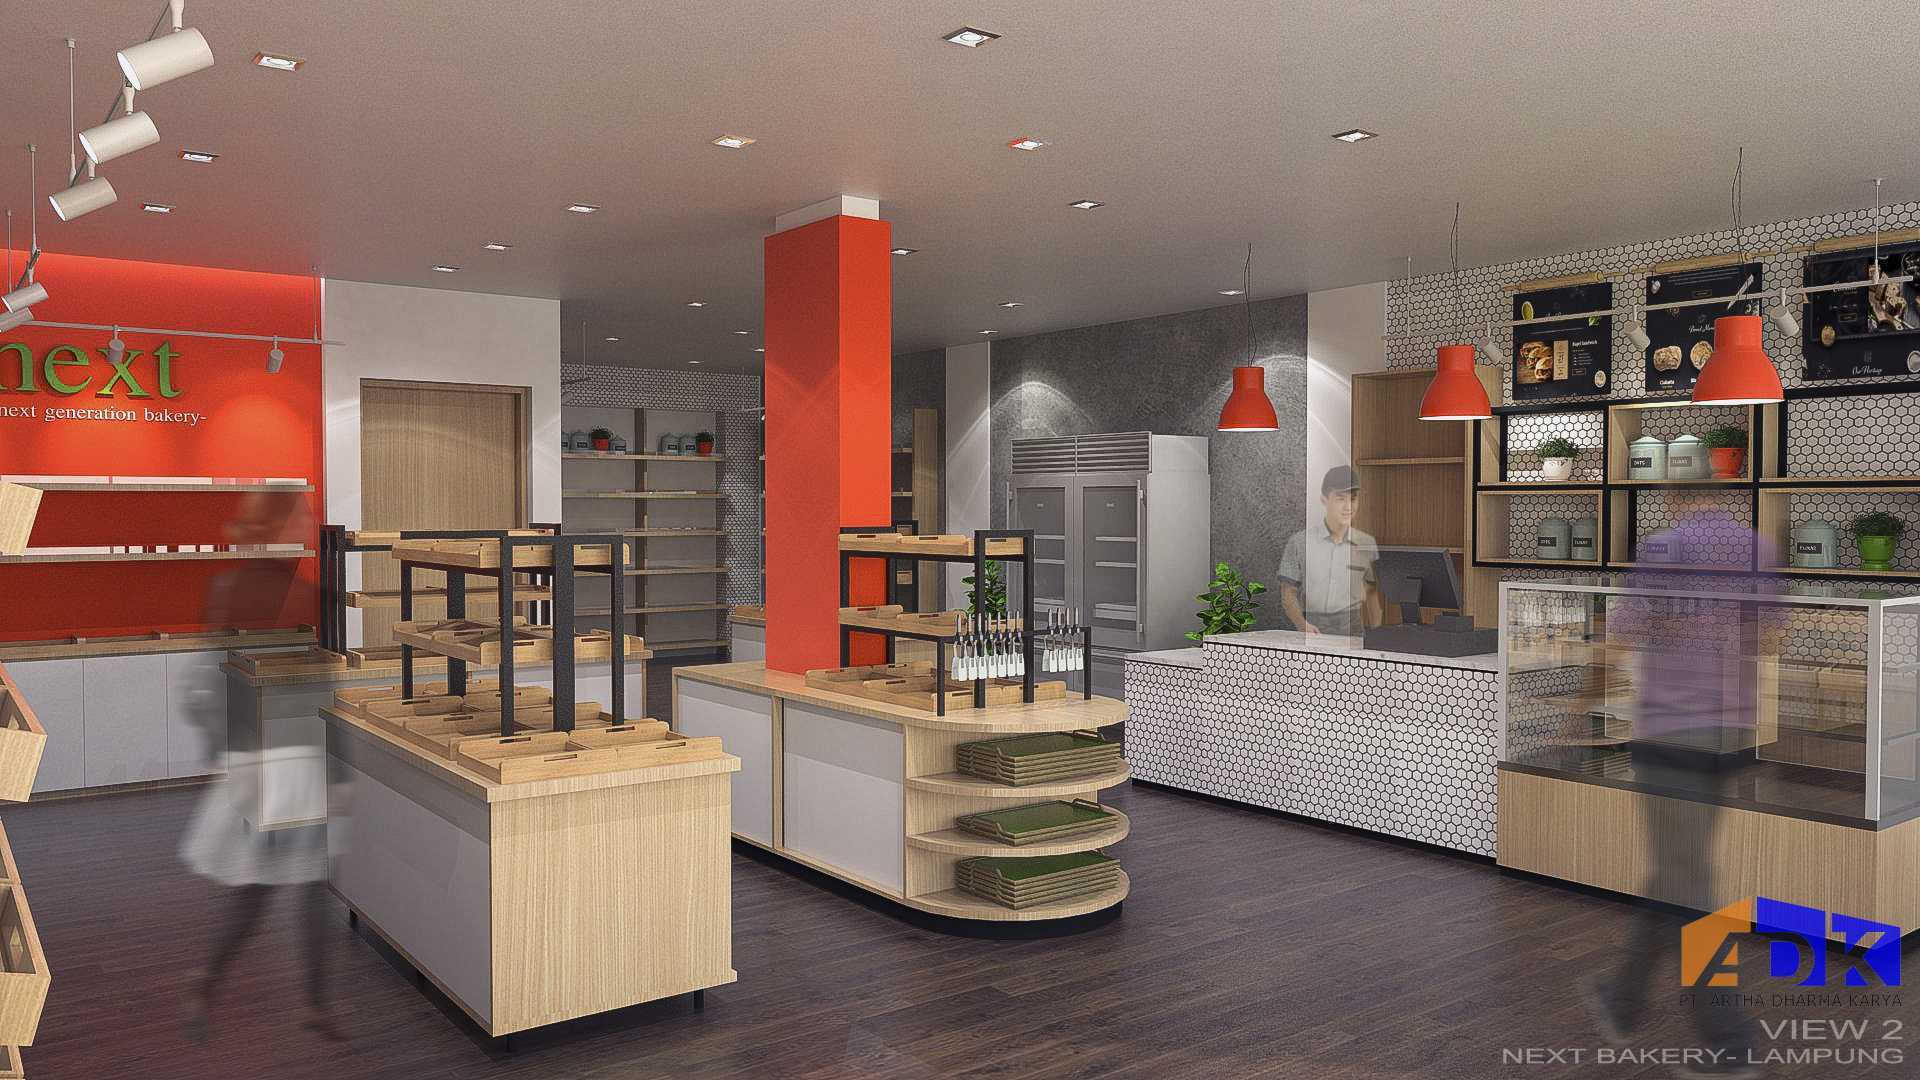 Artha Dharma Karya Design Next Bakery Bandar Lampung, Kota Bandar Lampung, Lampung, Indonesia Bandar Lampung, Kota Bandar Lampung, Lampung, Indonesia Artha-Dharma-Karya-Design-Next-Bakery  77053